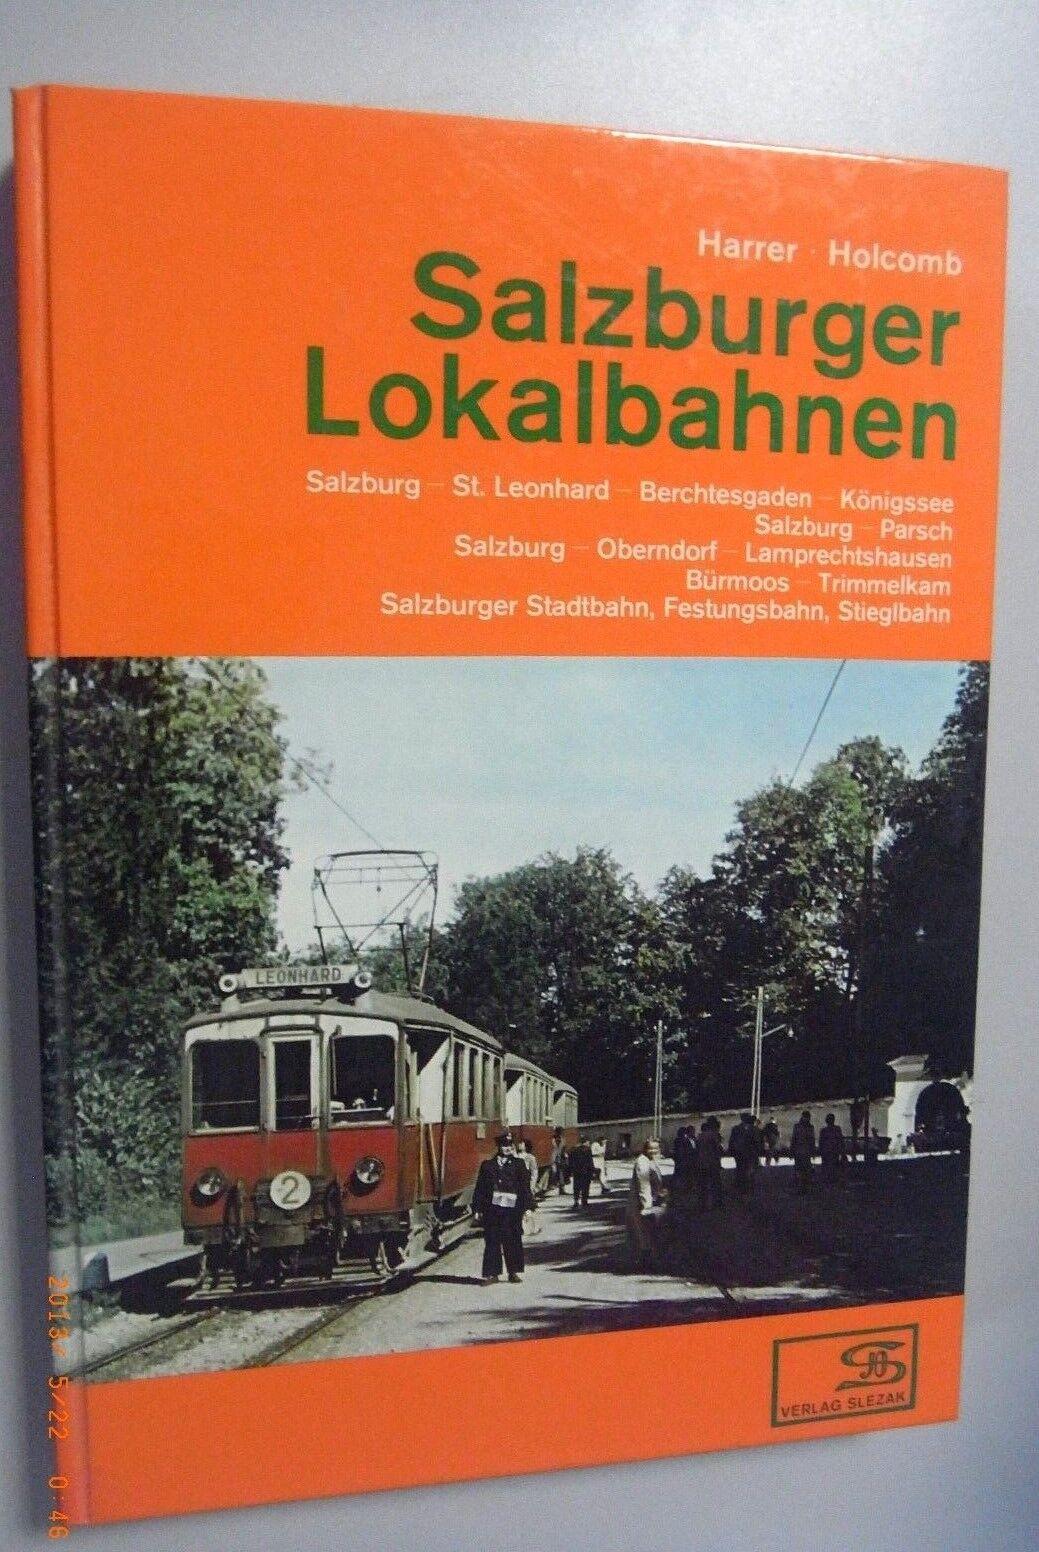 Salzburger lokalbahnen  Salzburg, ST. LEONARD, Parsch, festungsbahn, stieglbahn